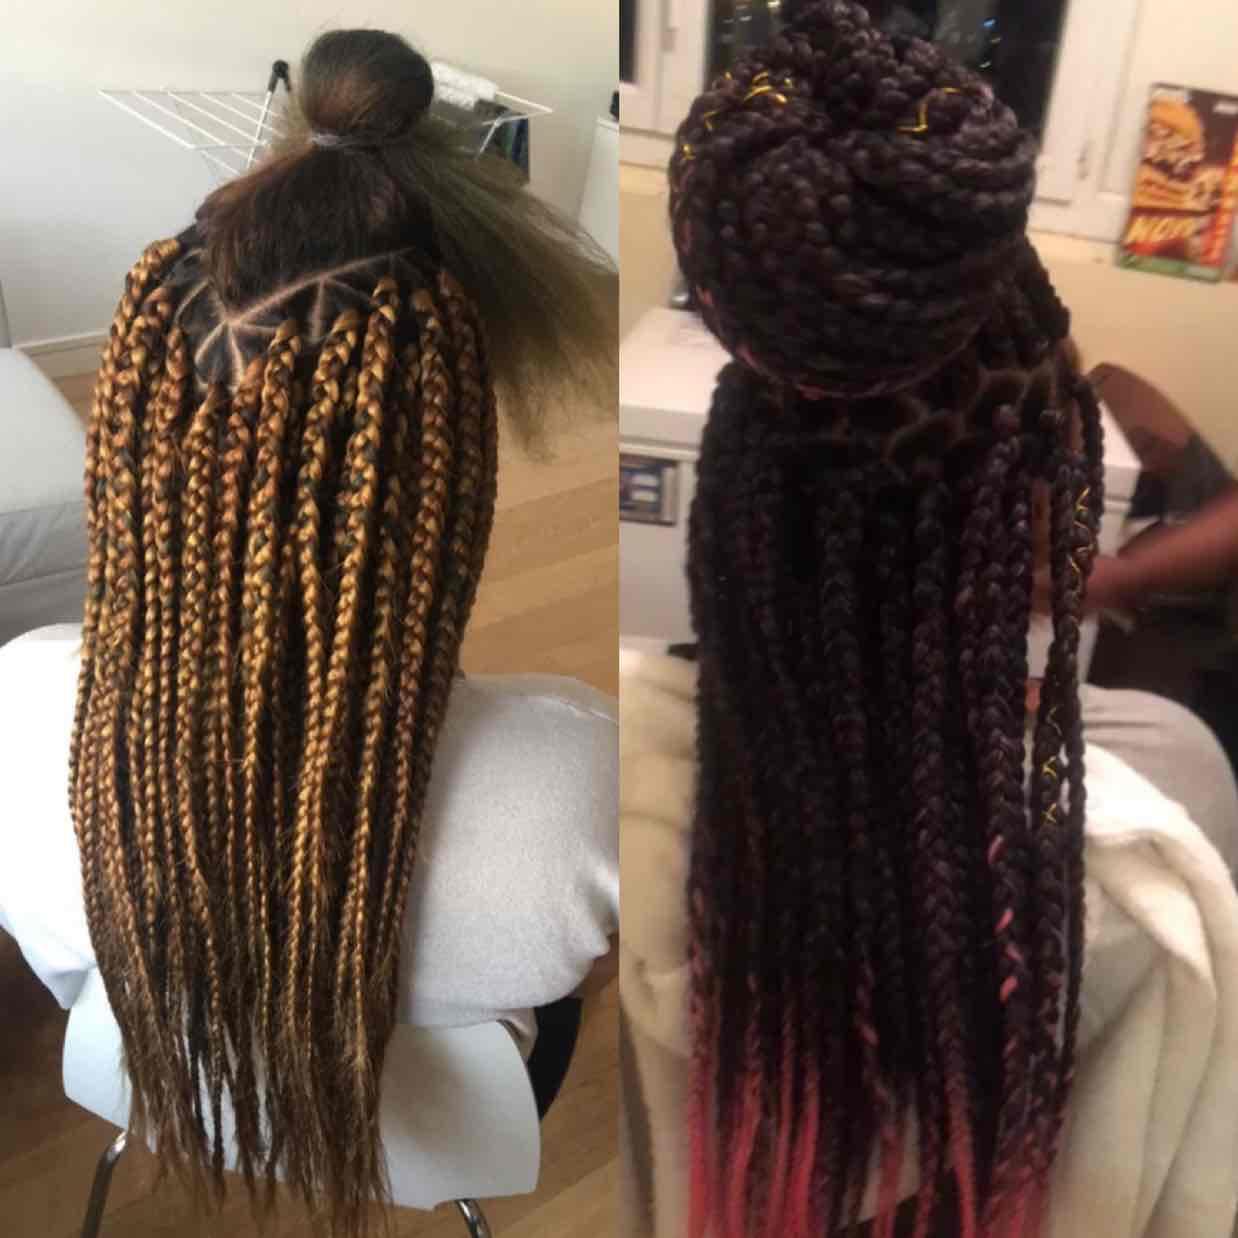 salon de coiffure afro tresse tresses box braids crochet braids vanilles tissages paris 75 77 78 91 92 93 94 95 VHIVIOGZ